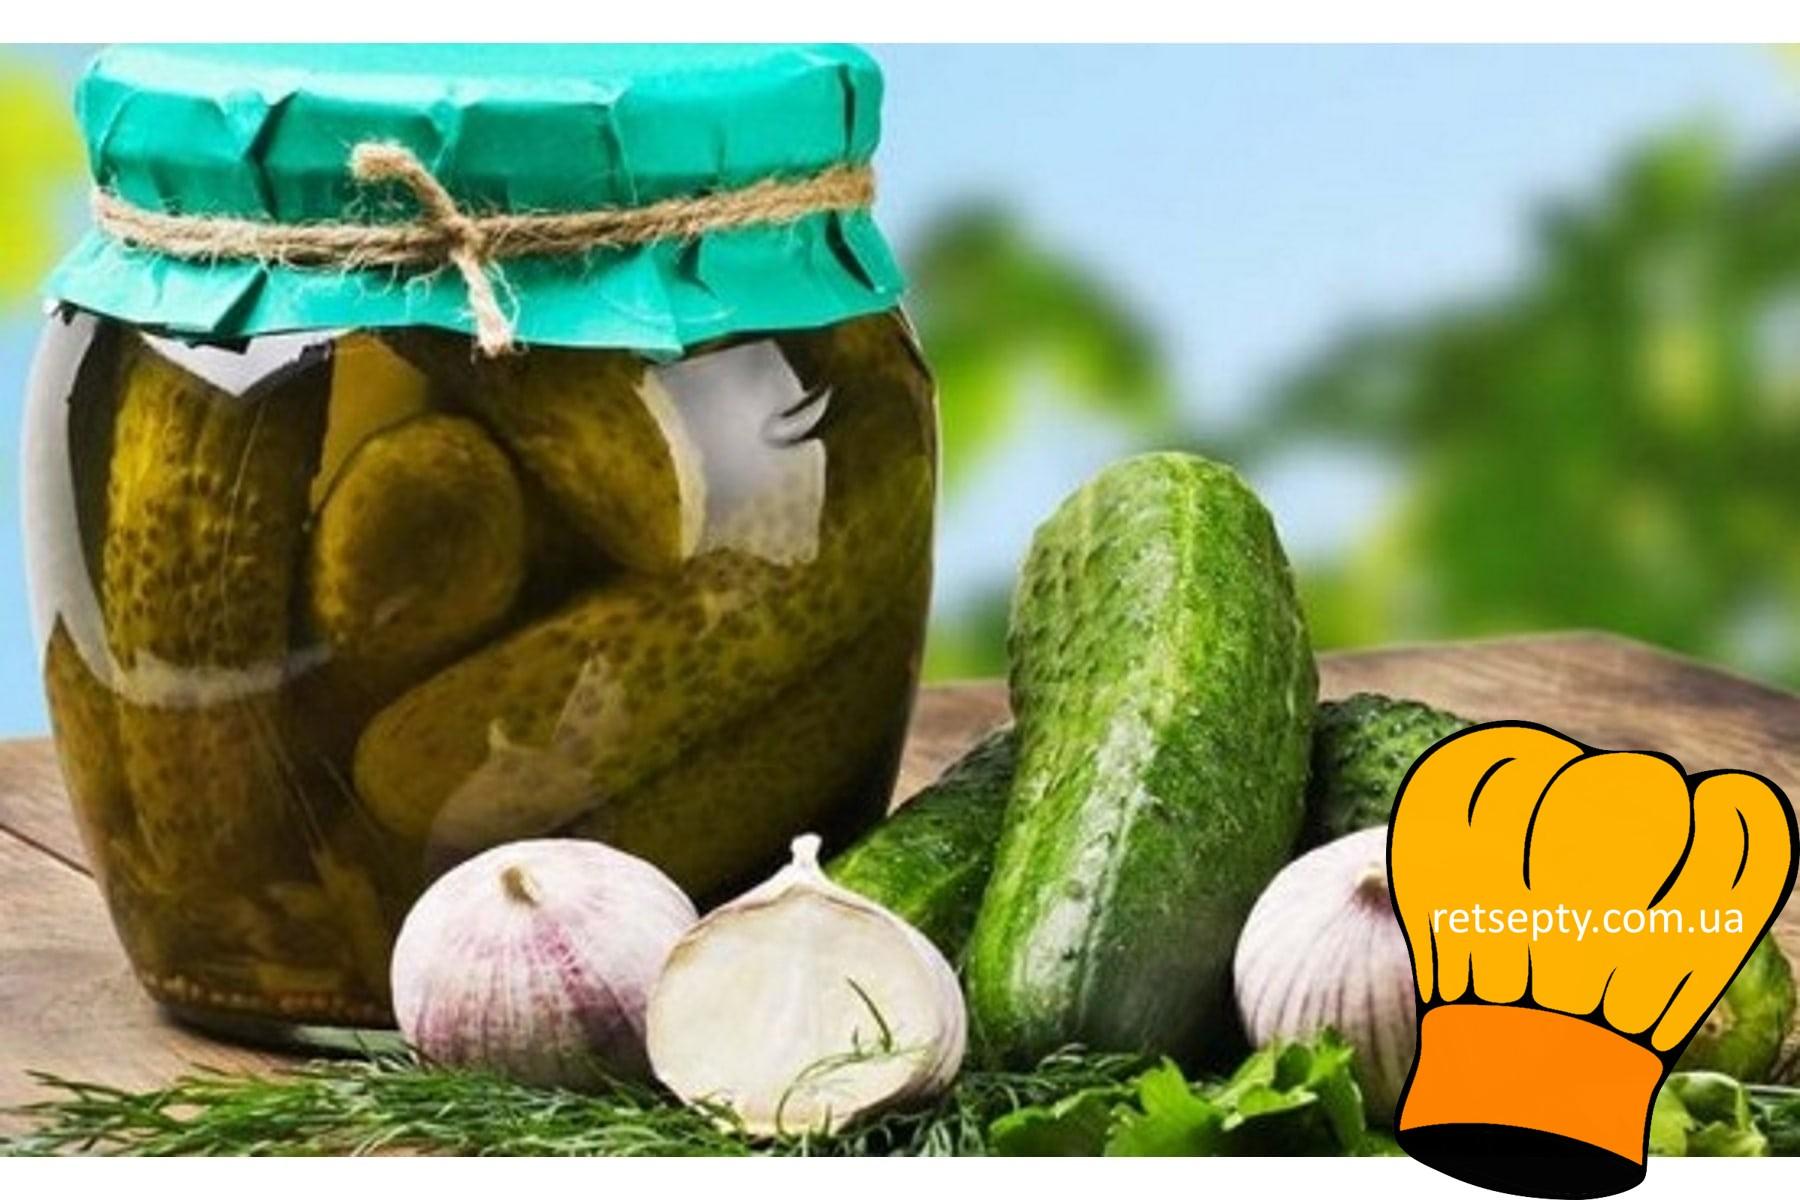 Рецепт консервування огірків в гарбузах